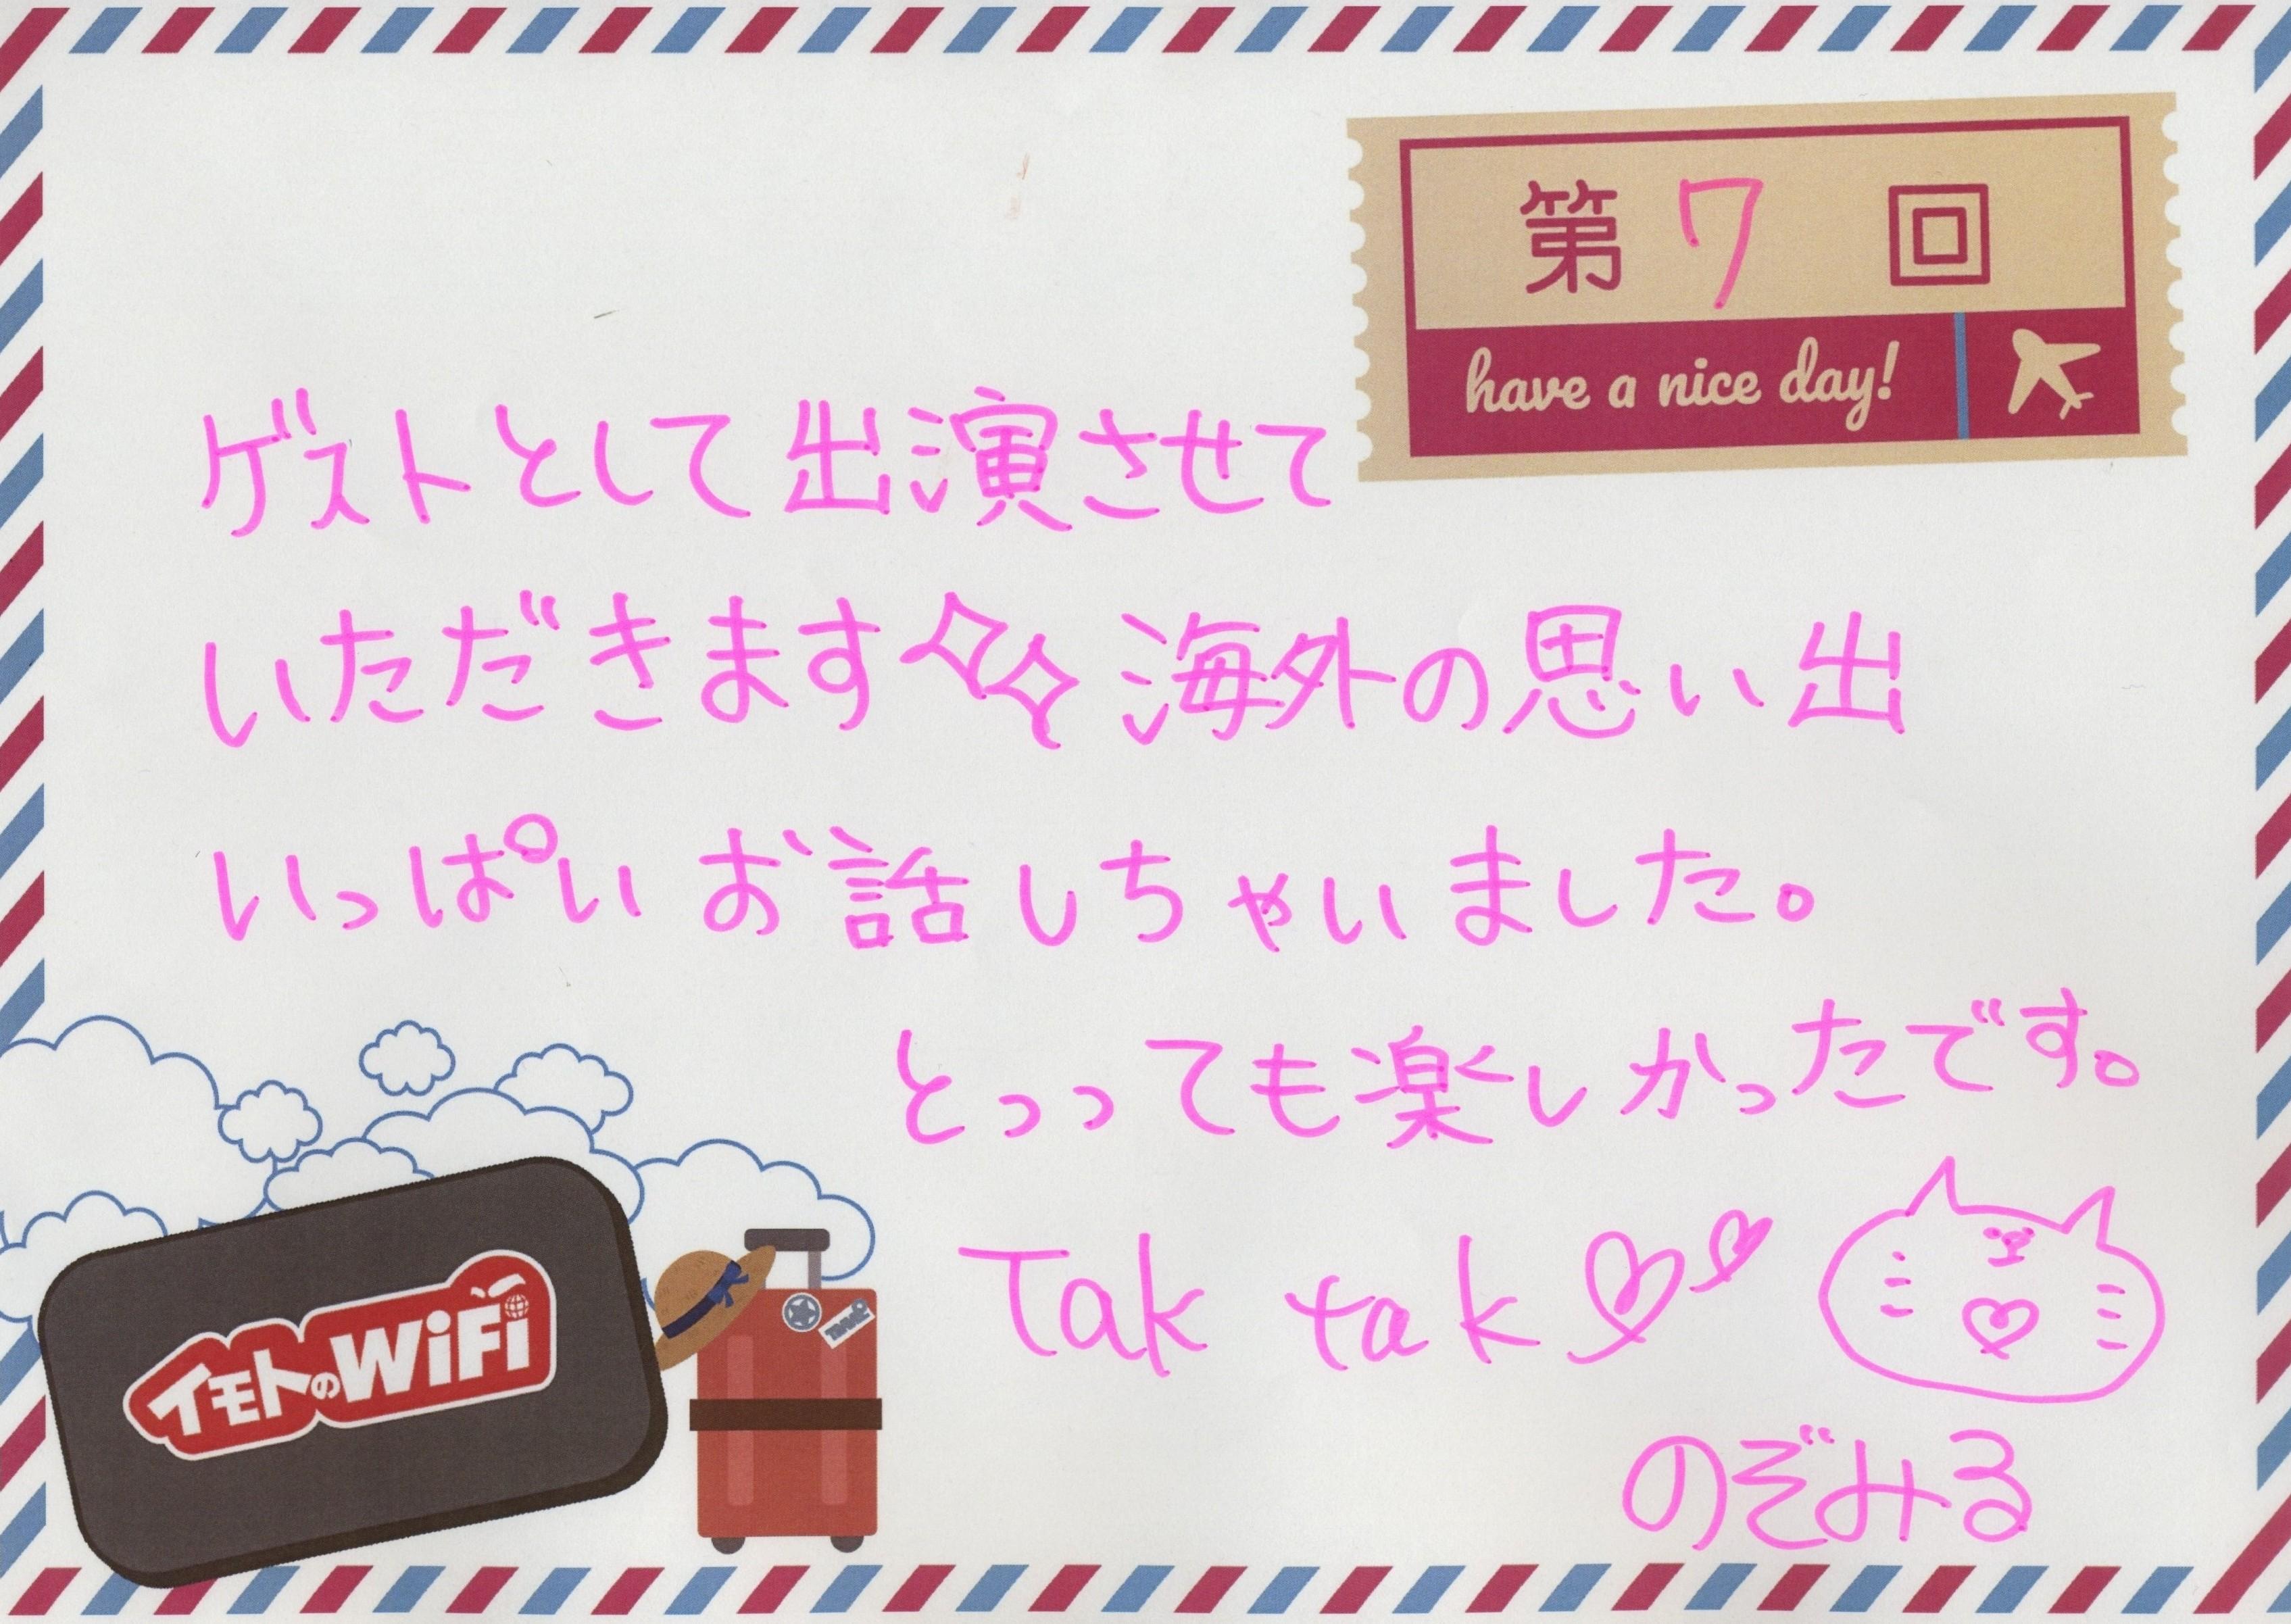 wifi07guest.n.jpg